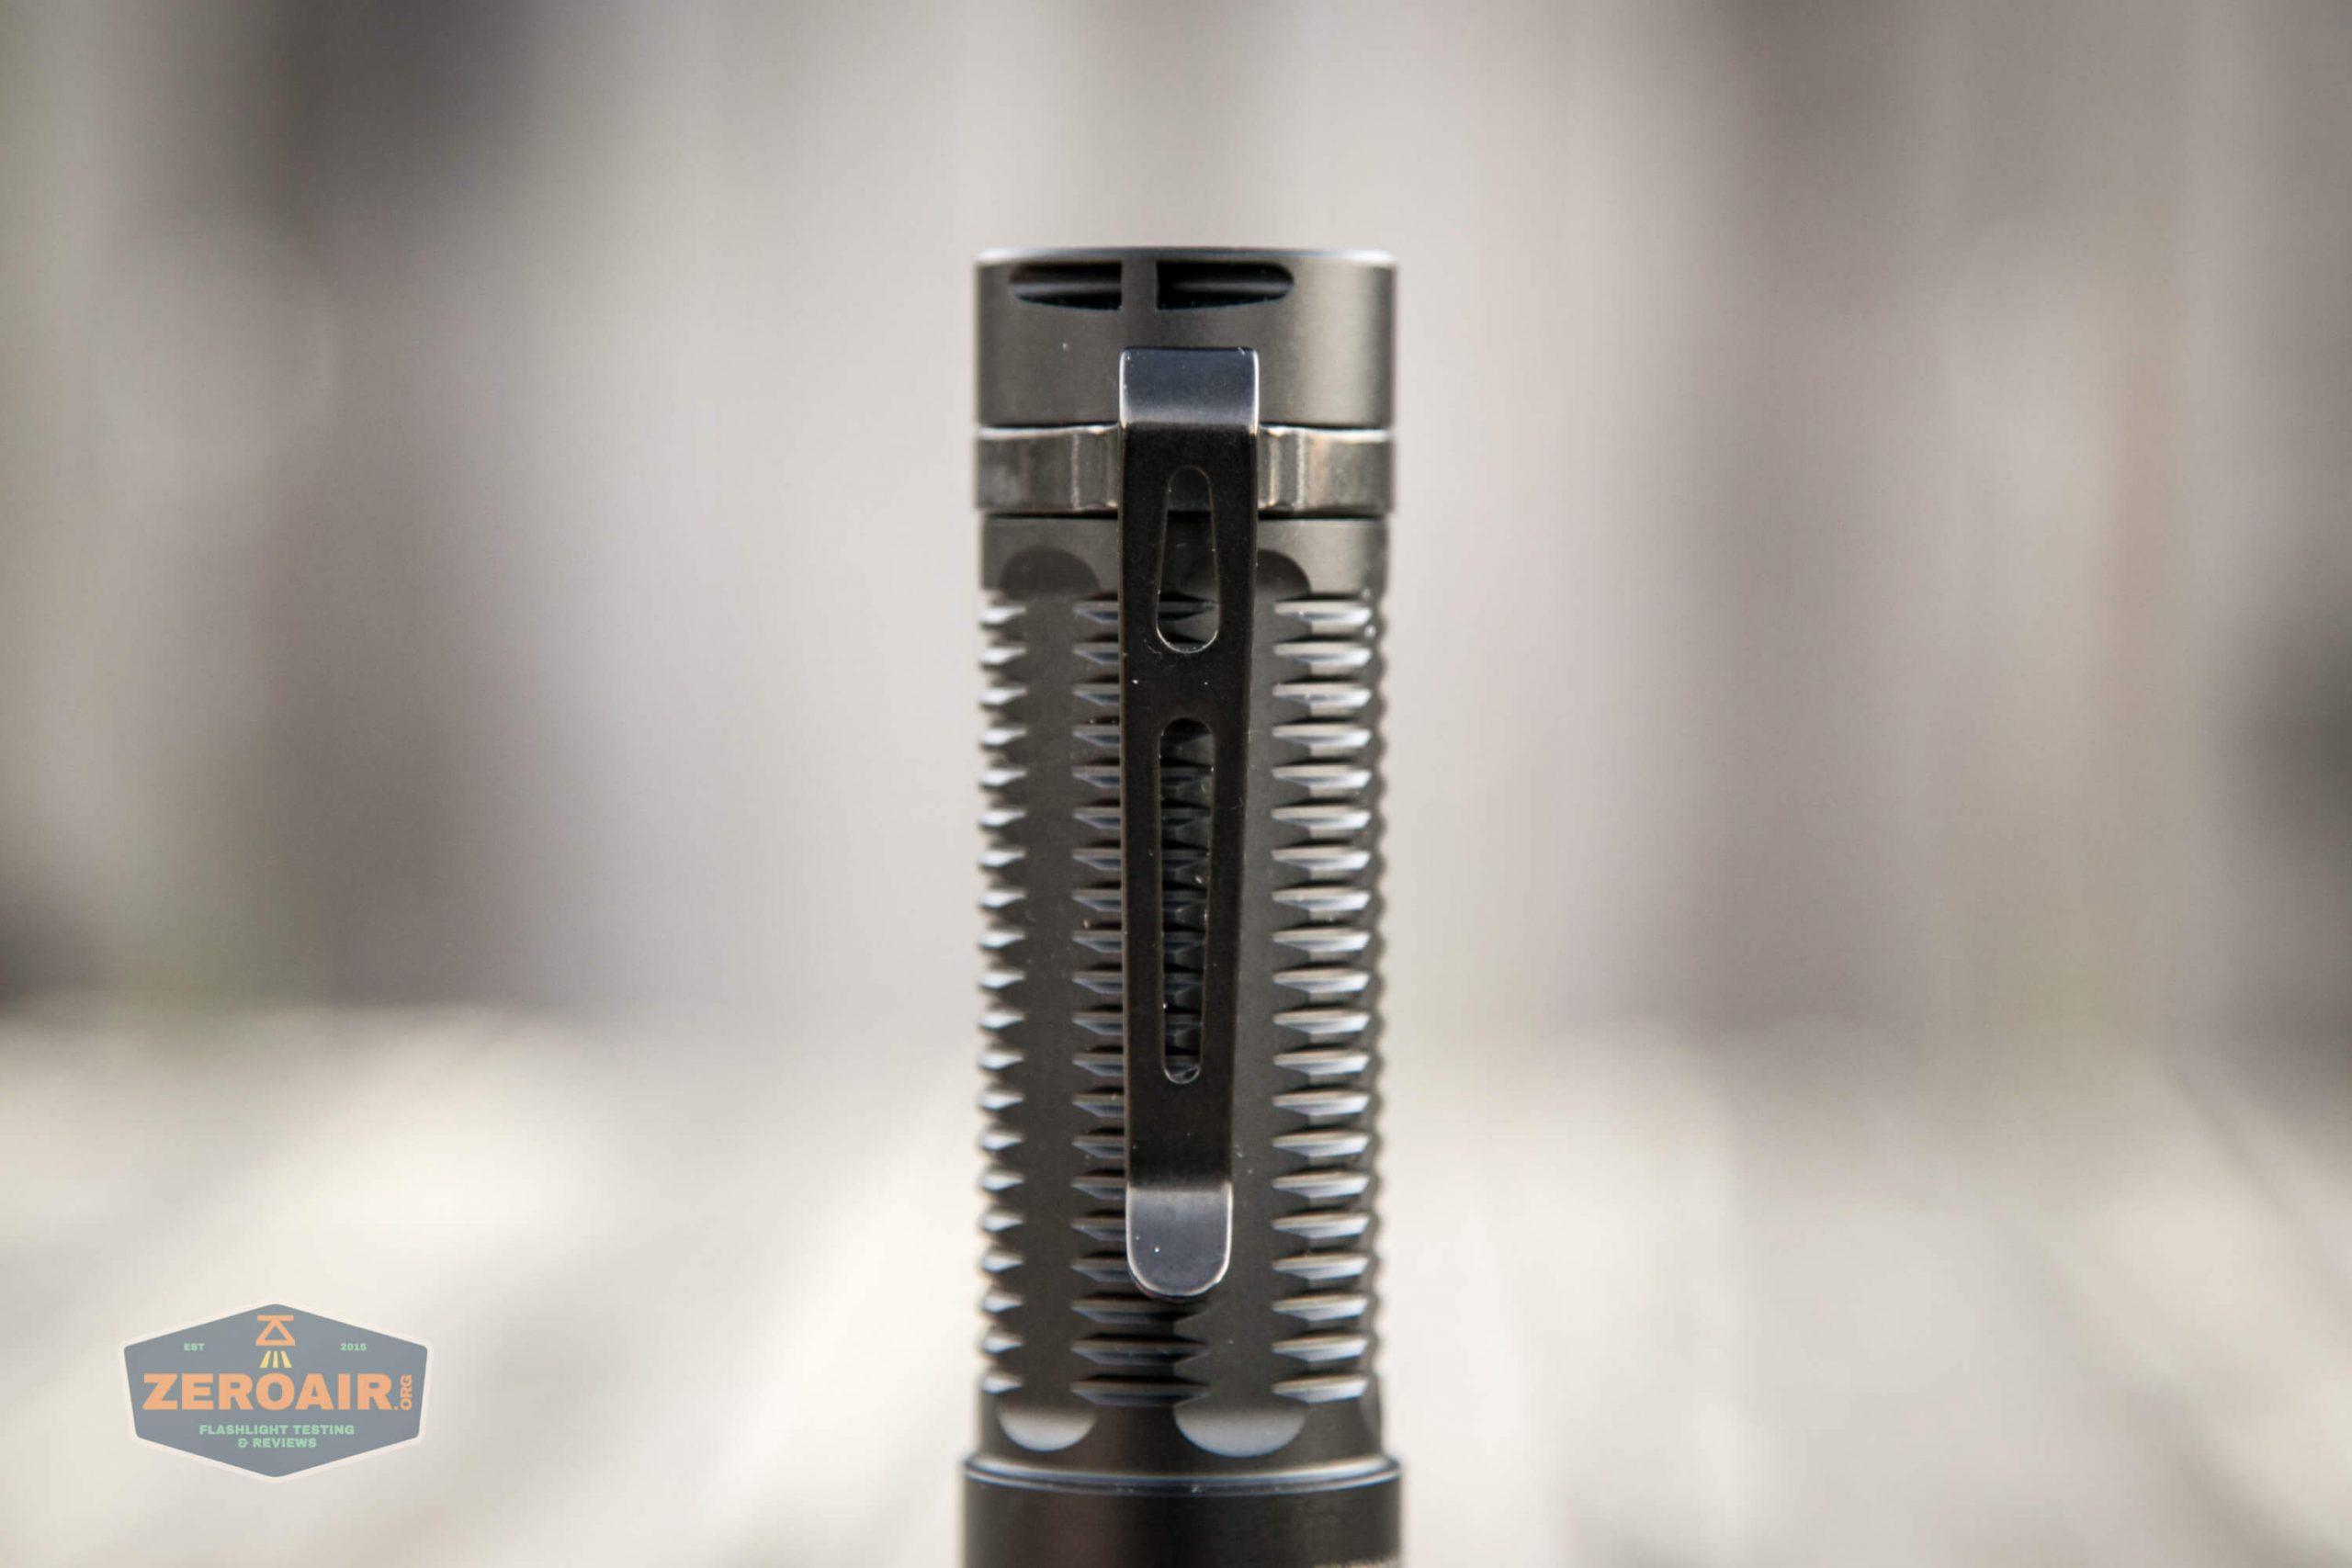 klarus g25 21700 cree xhp70.2 flashlight pocket clip